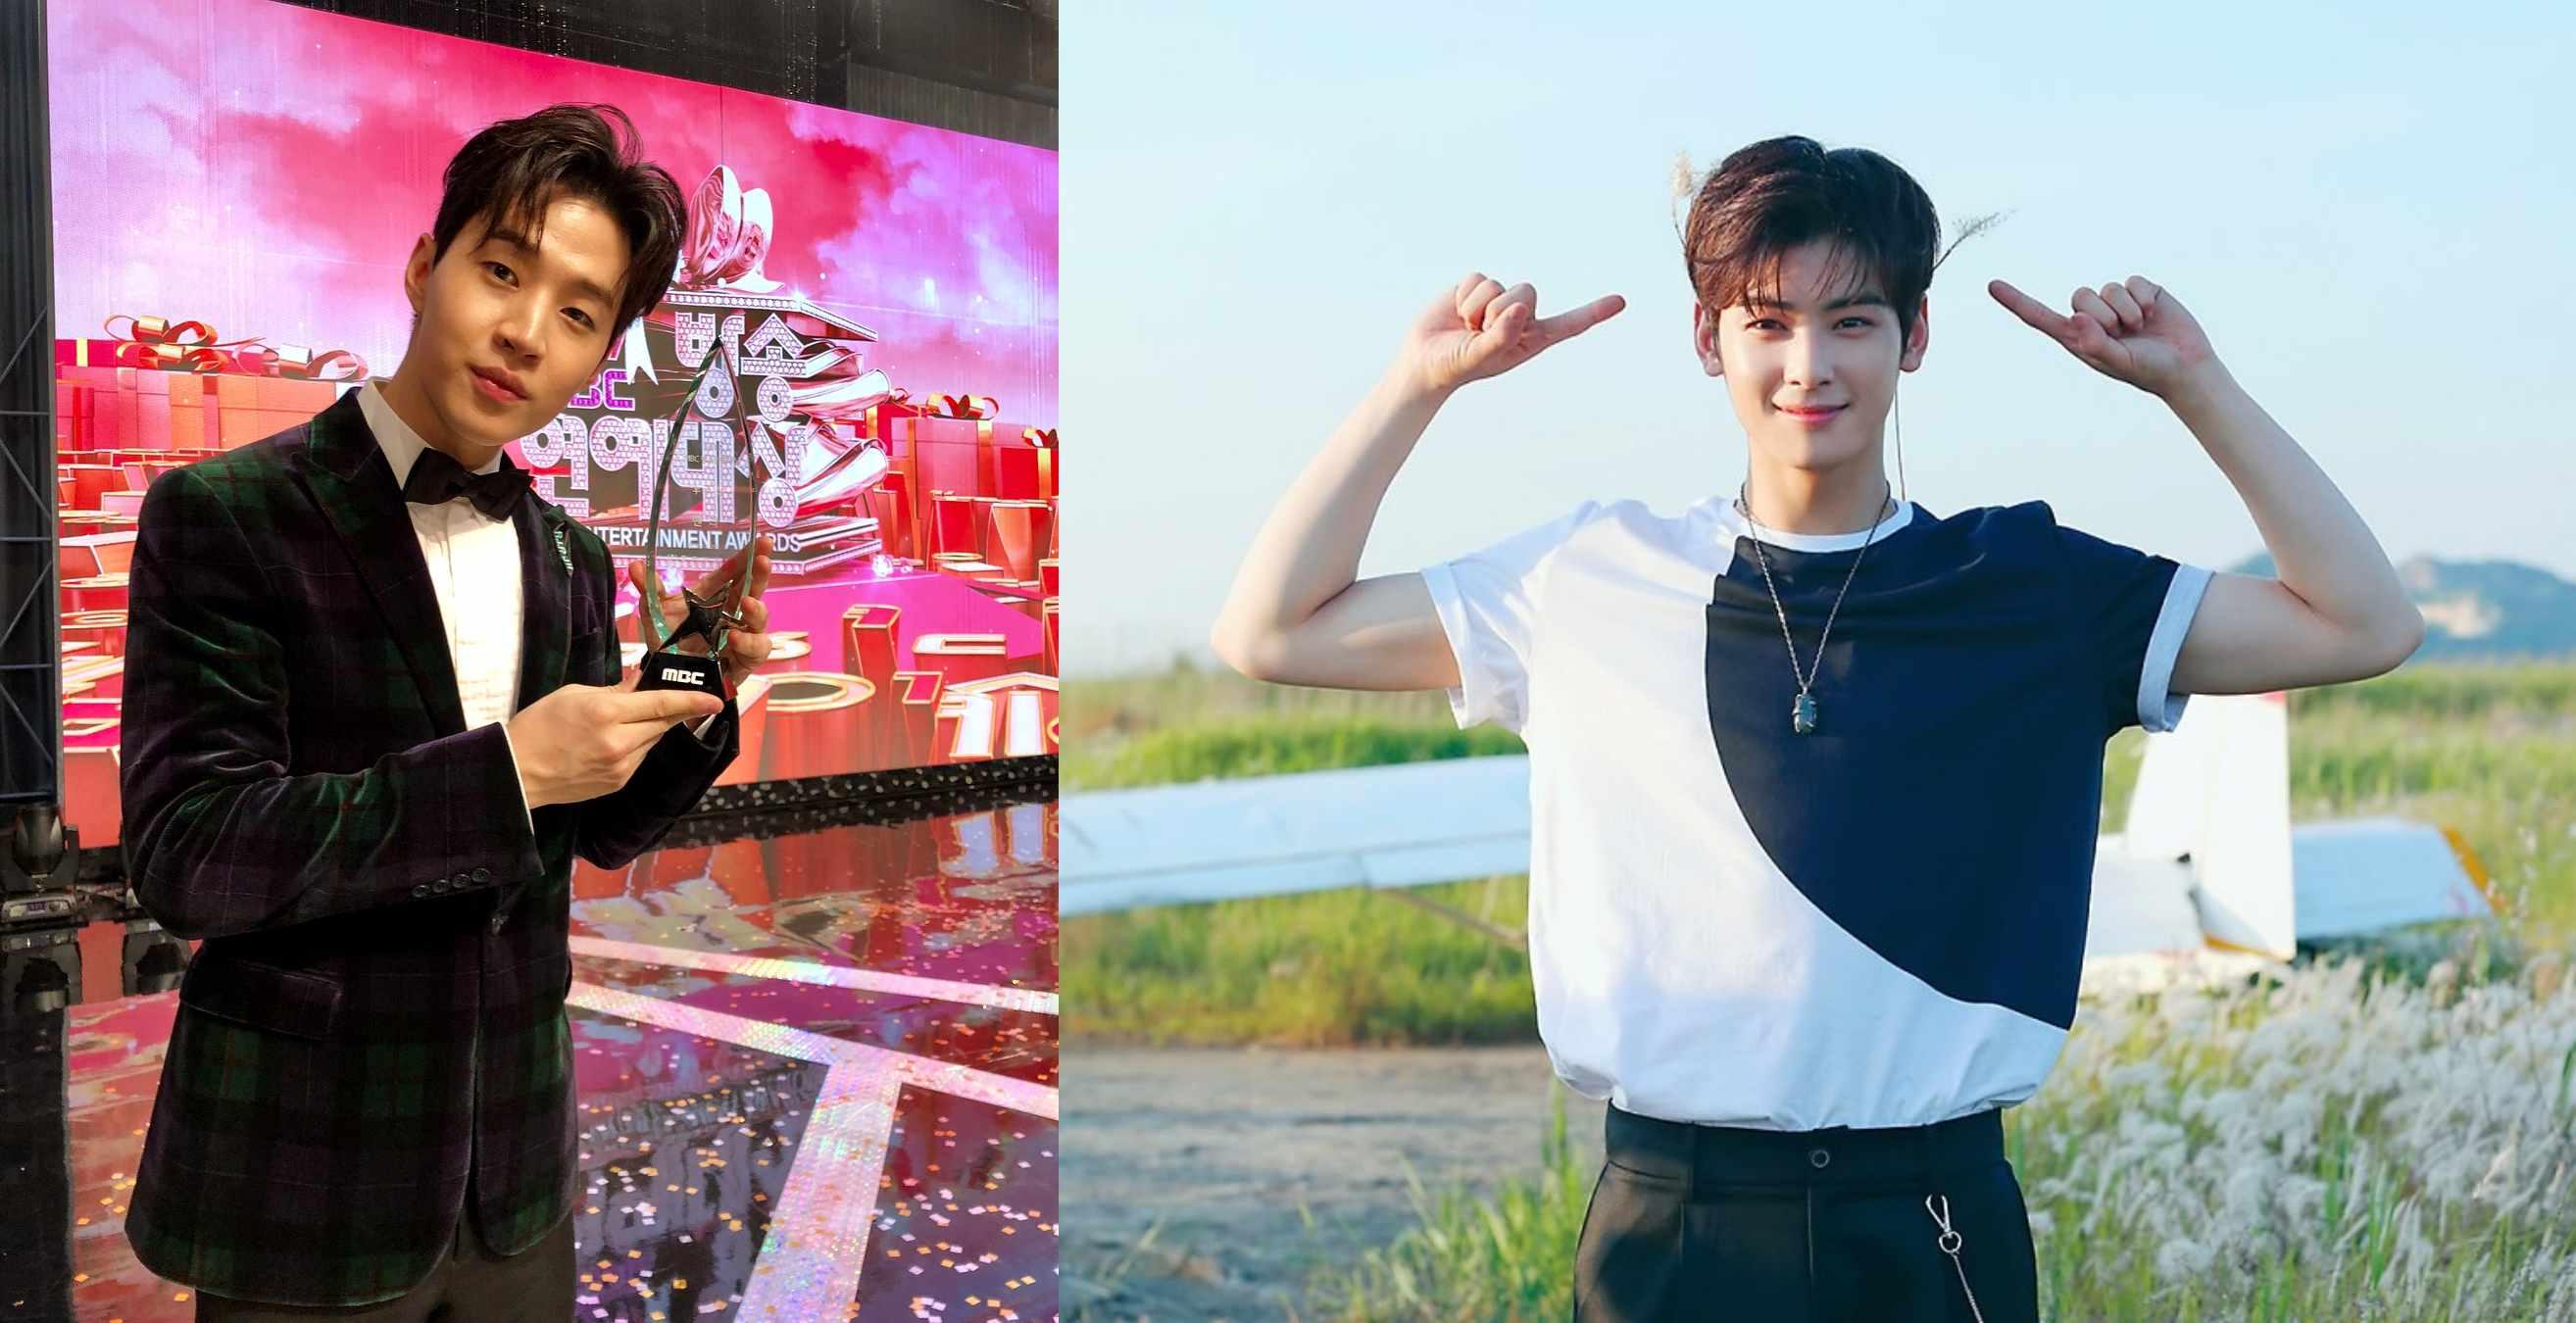 車銀優和Henry於11月7日下午在首爾江南區道谷洞一帶進行了JTBC綜藝節目《한끼줍쇼 請給一頓飯》的拍攝,兩人都是首次出演。